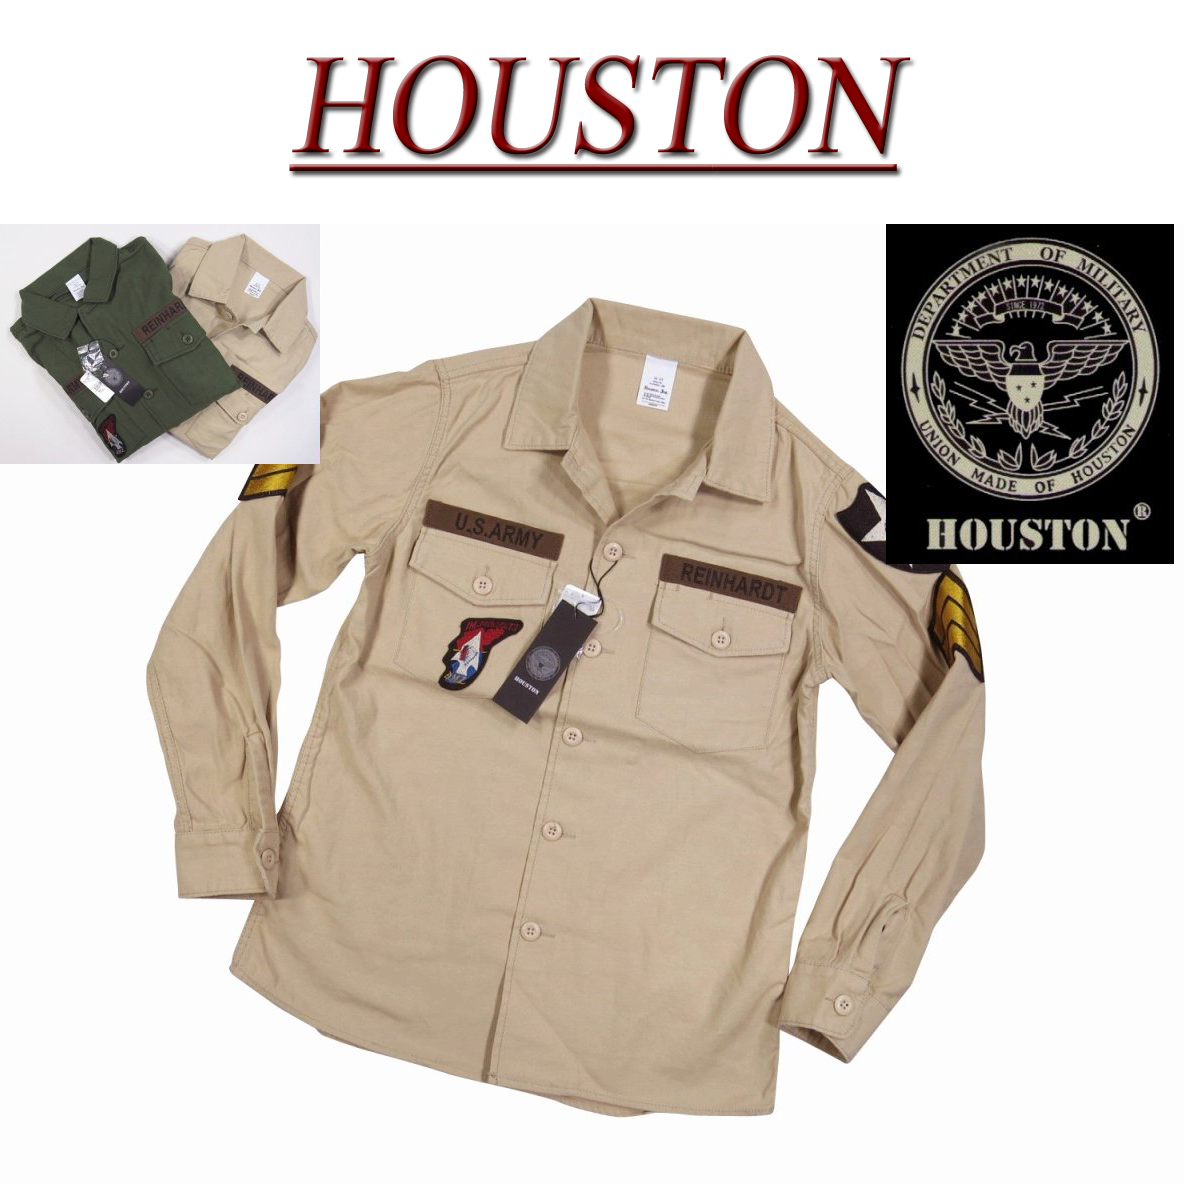 【2色3サイズ】 ja772 新品 HOUSTON U.S.ARMY 長袖 ワッペン付 コットン ミリタリーシャツ 40233 メンズ ヒューストン WAPPEN MILITARY L/S SHIRT ARMY ワークシャツ 軍シャツ